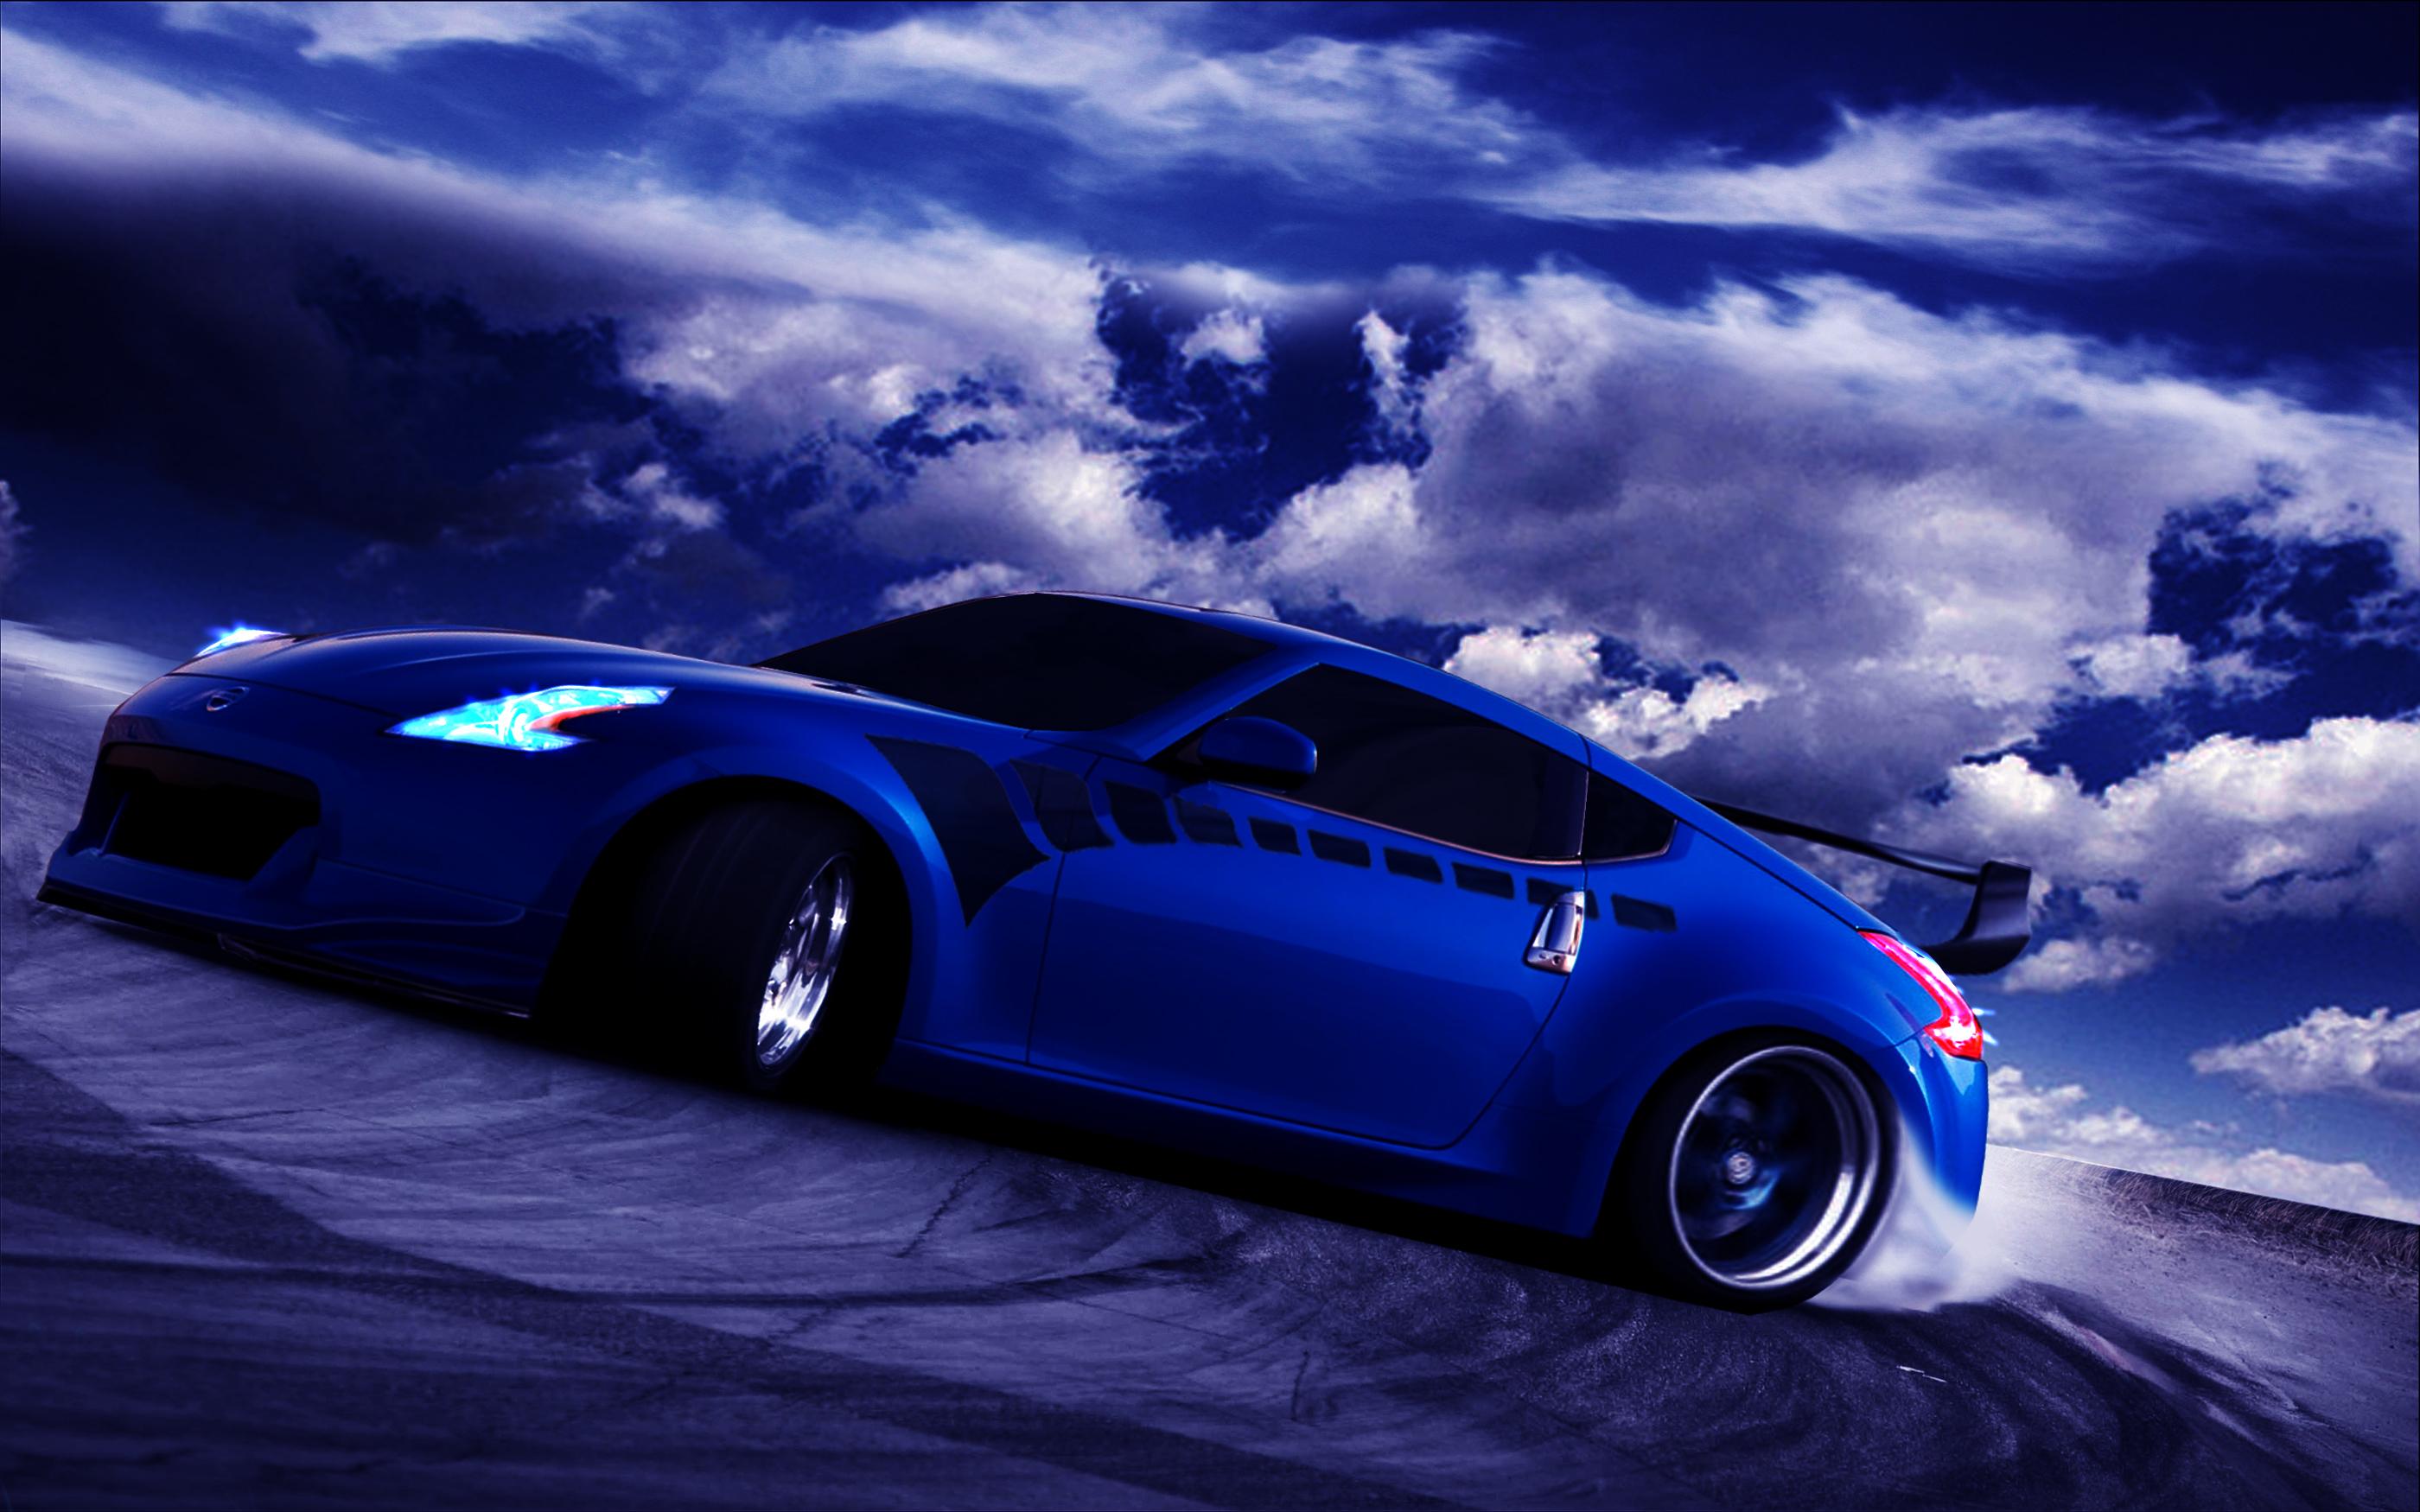 спортивный автомобиль синий  № 3301844 бесплатно